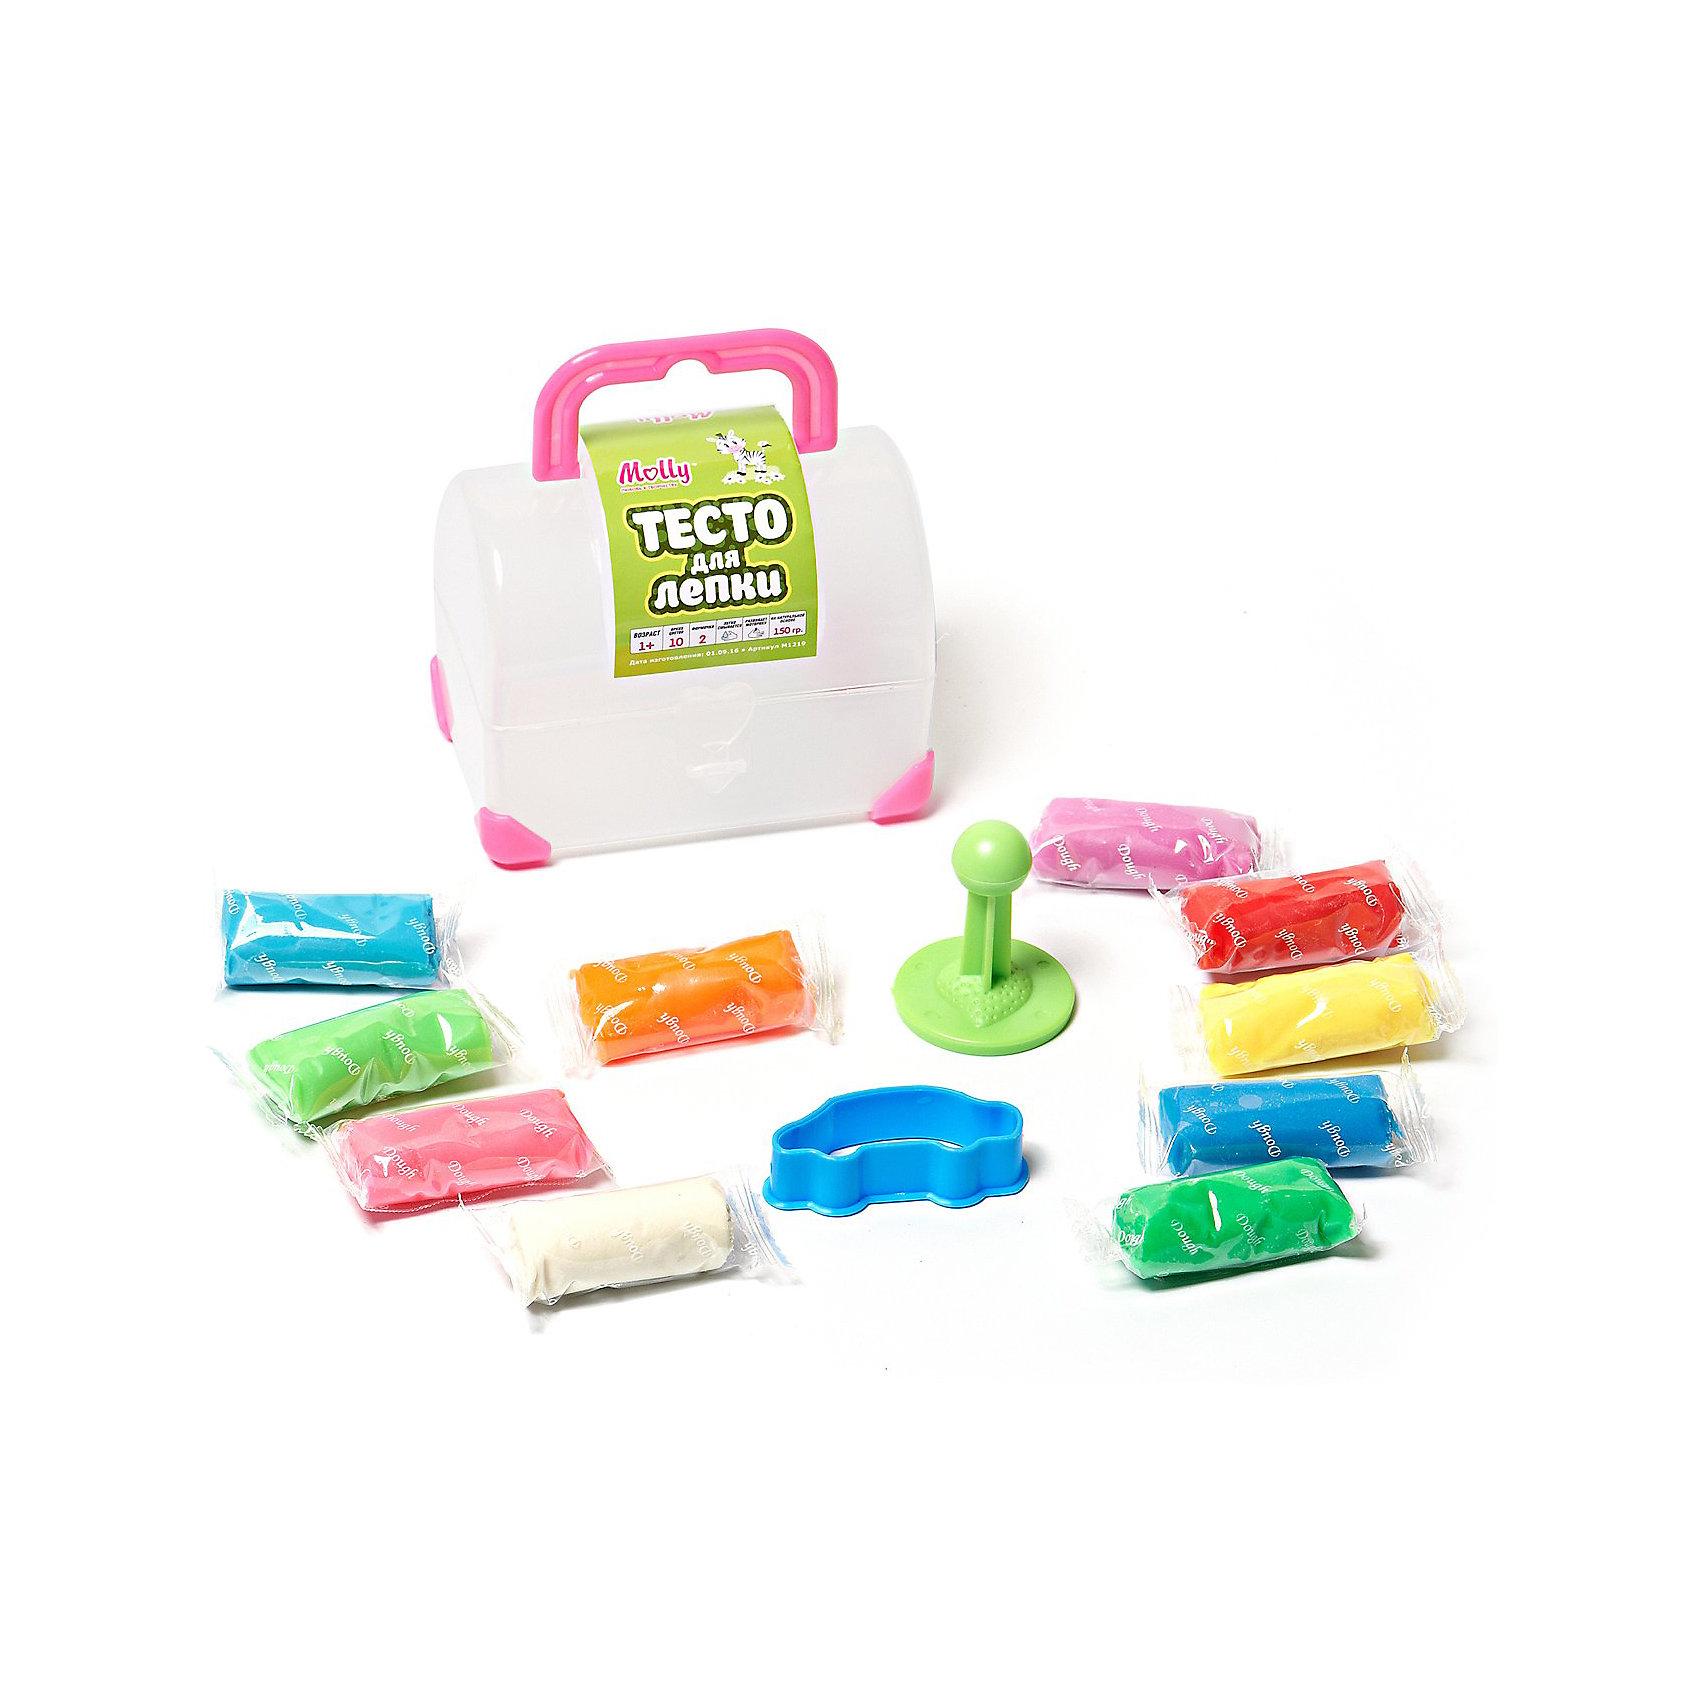 Тесто для лепки Сундучок 10 цветов + 2 формочкиЛепка<br>Тесто для лепки Сундучок, 10 цветов + 2 формочки.<br><br>Характеристика: <br><br>• Состав: пшеничная мука крахмал, вода, соль, пищевая добавка, пищевая краситель.<br>• Размер упаковки: 10х6,2х7,2 см. <br>• Комплектация: тесто (10 цветов), формочки (2 шт). <br>• Яркие, насыщенные цвета. <br>• 10 цветов (по 18 гр.) - синий, голубой, оранжевый, желтый, красный, розовый, белый, сиреневый, темно зеленый, светло-зеленый.<br>• Легко смывается с одежды и рук. <br>• Безопасно при проглатывании. <br>• Отлично развивает моторику рук, внимание, мышление и воображение. <br>• Удобная упаковка в виде пластикового сундучка с ручкой для переноски и застежкой.<br><br>Мягкое тесто для лепки - отличный подарок для малыша. Тесто изготовлено из натуральных материалов, с использованием абсолютно безопасных для детей красителей, легко смывается с одежды и рук. Лепка - прекрасный вид детского досуга, помогающий развить мелкую моторику, цветовосприятие, воображение и мышление.<br><br>Тесто для лепки Сундучок, 10 цветов + 2 формочки, можно купить в нашем интернет-магазине.<br><br>Ширина мм: 100<br>Глубина мм: 60<br>Высота мм: 80<br>Вес г: 150<br>Возраст от месяцев: 12<br>Возраст до месяцев: 36<br>Пол: Унисекс<br>Возраст: Детский<br>SKU: 5417573